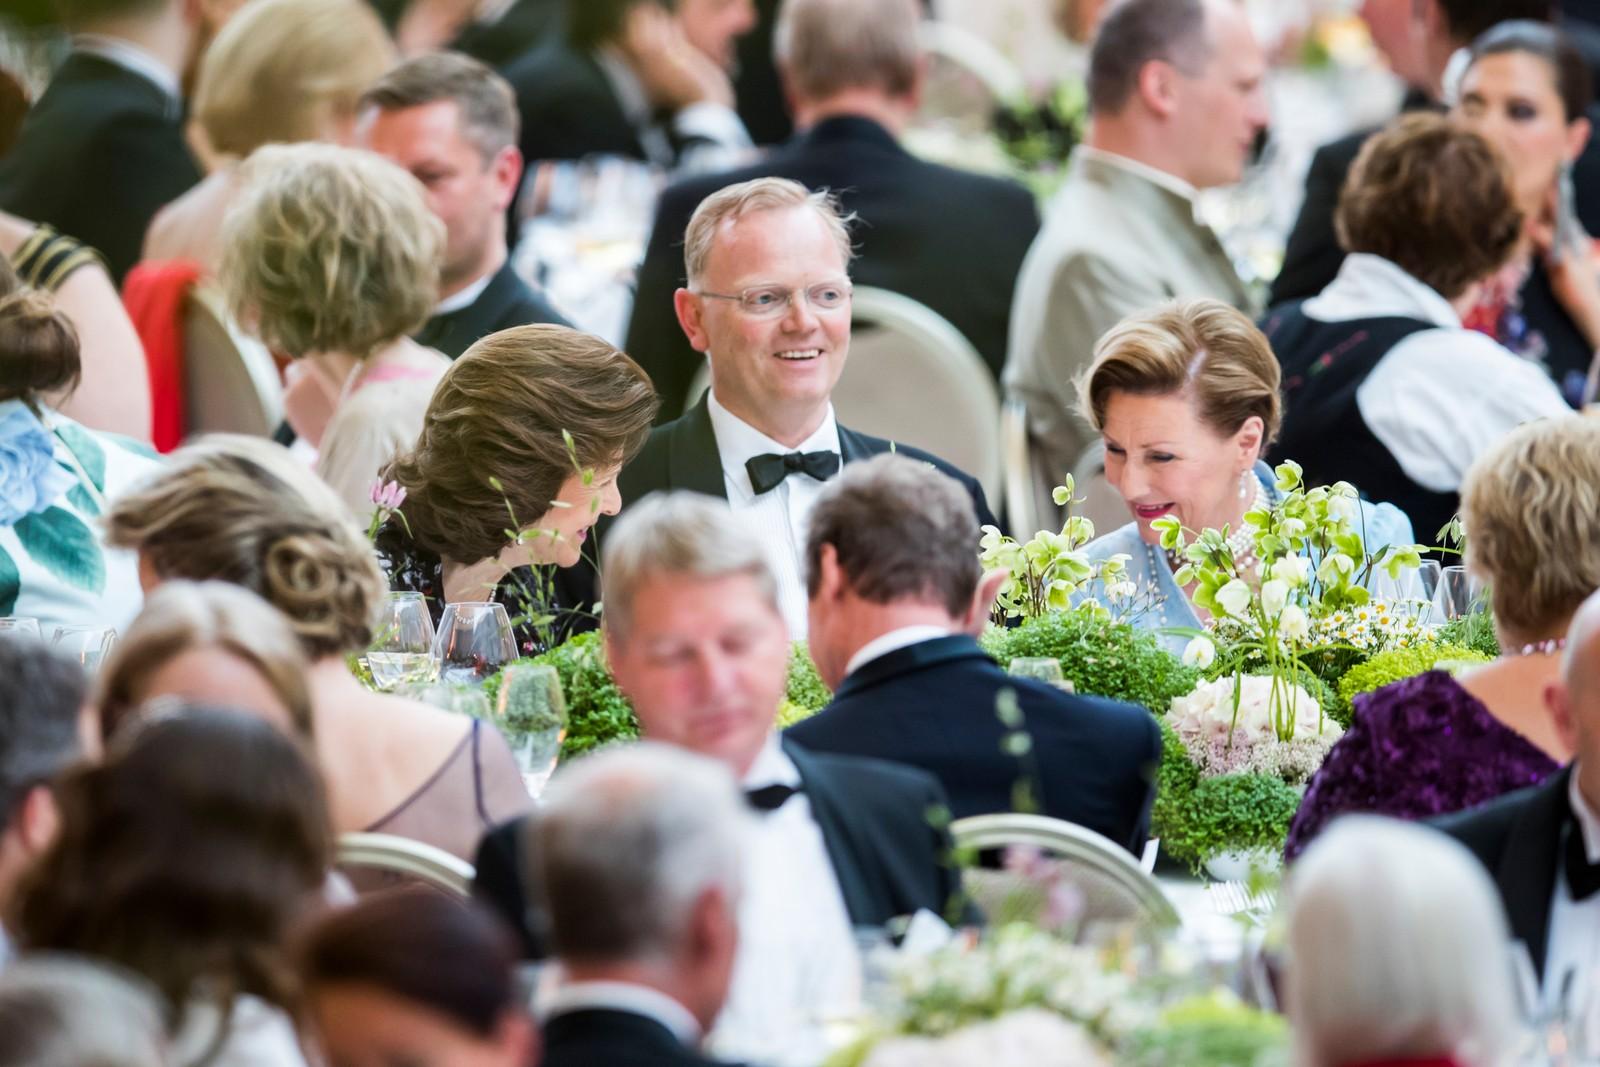 Sindre Finnes flankert av dronningene Silvia av Sverige (tv) og Sonja under regjeringens festmiddag for kongeparet i Operaen i anledning deres 80-